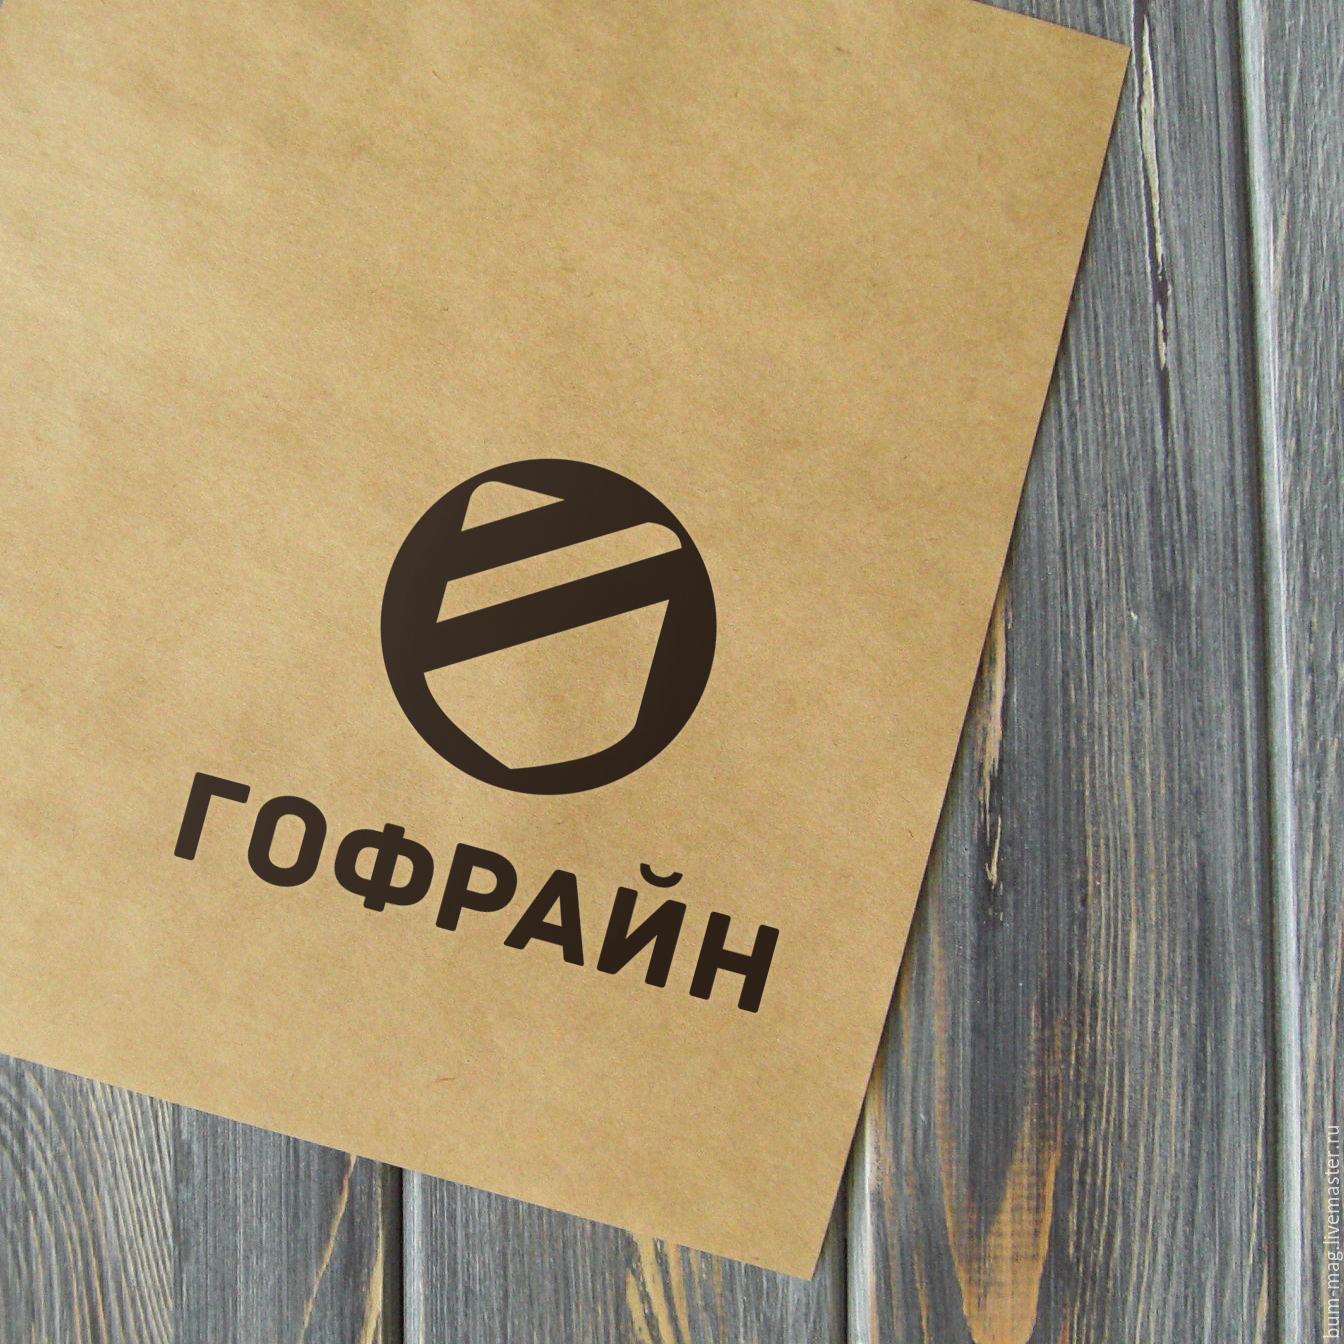 Логотип для компании по реализации упаковки из гофрокартона фото f_8835ce53cc3974e8.jpg